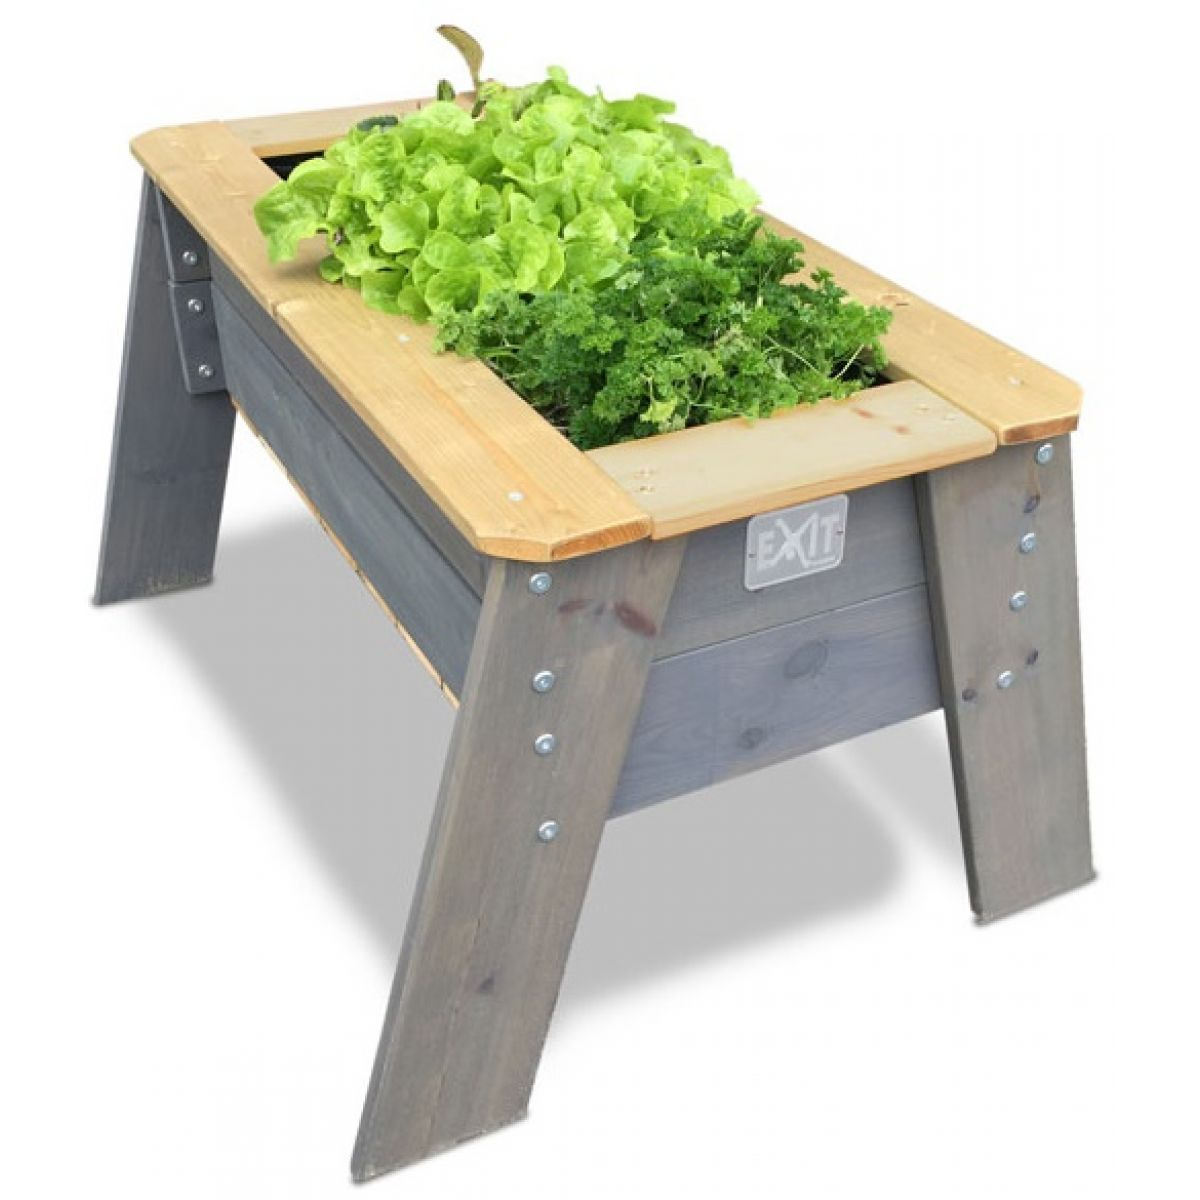 EXIT Aksent Dětský zahradnický stůl L